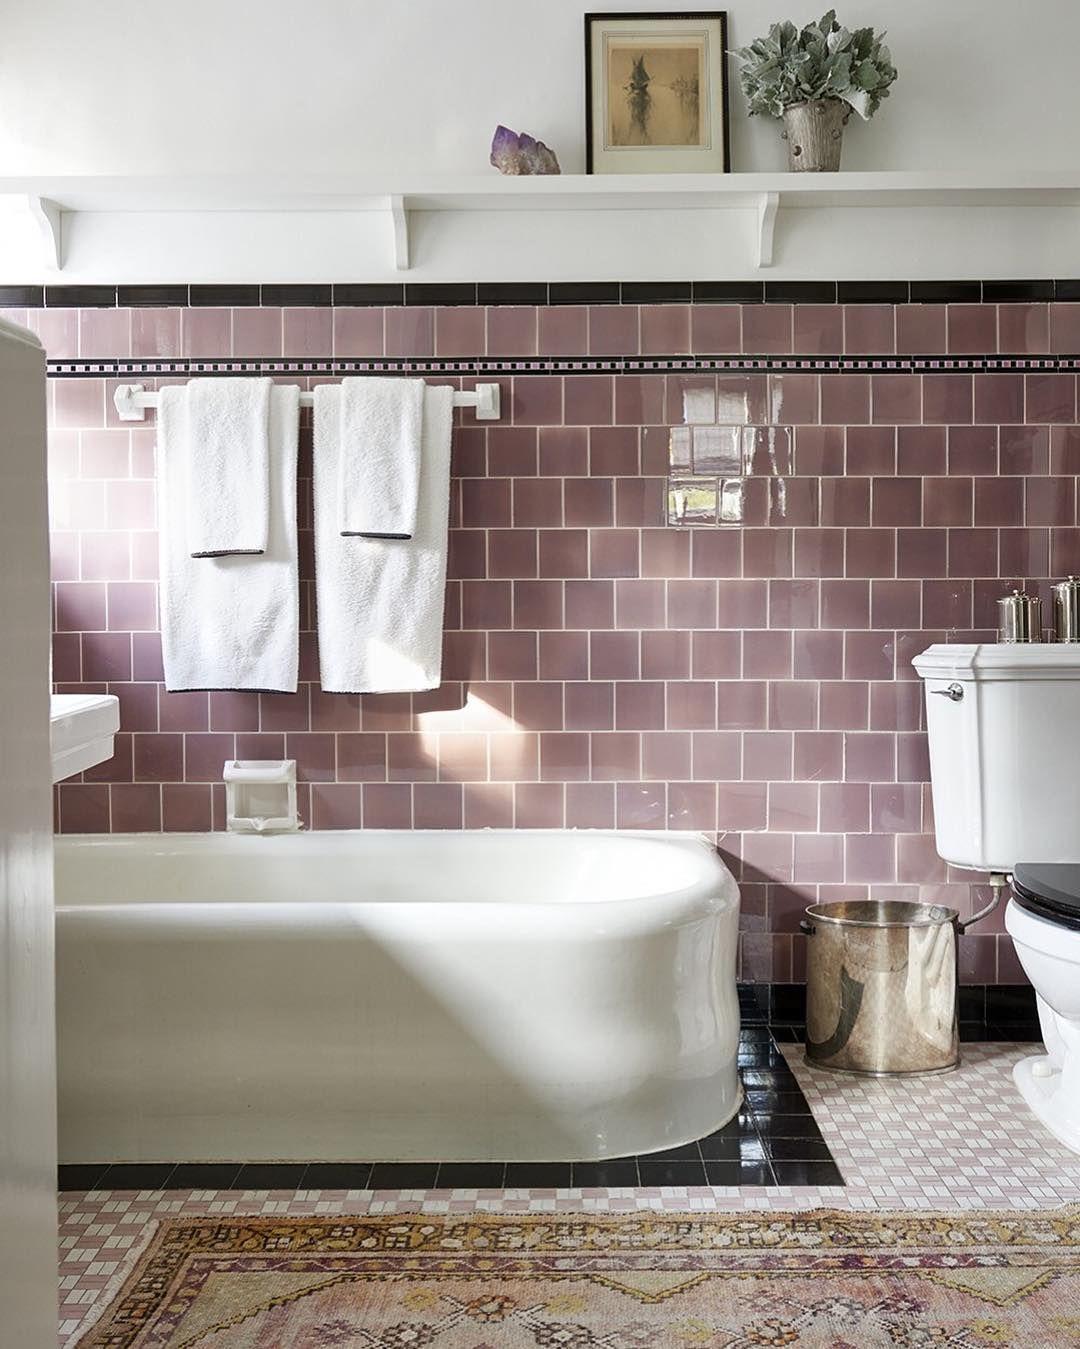 recouvert de vieux rose le carrelage de cette salle de bains lui donne du style bathroom. Black Bedroom Furniture Sets. Home Design Ideas